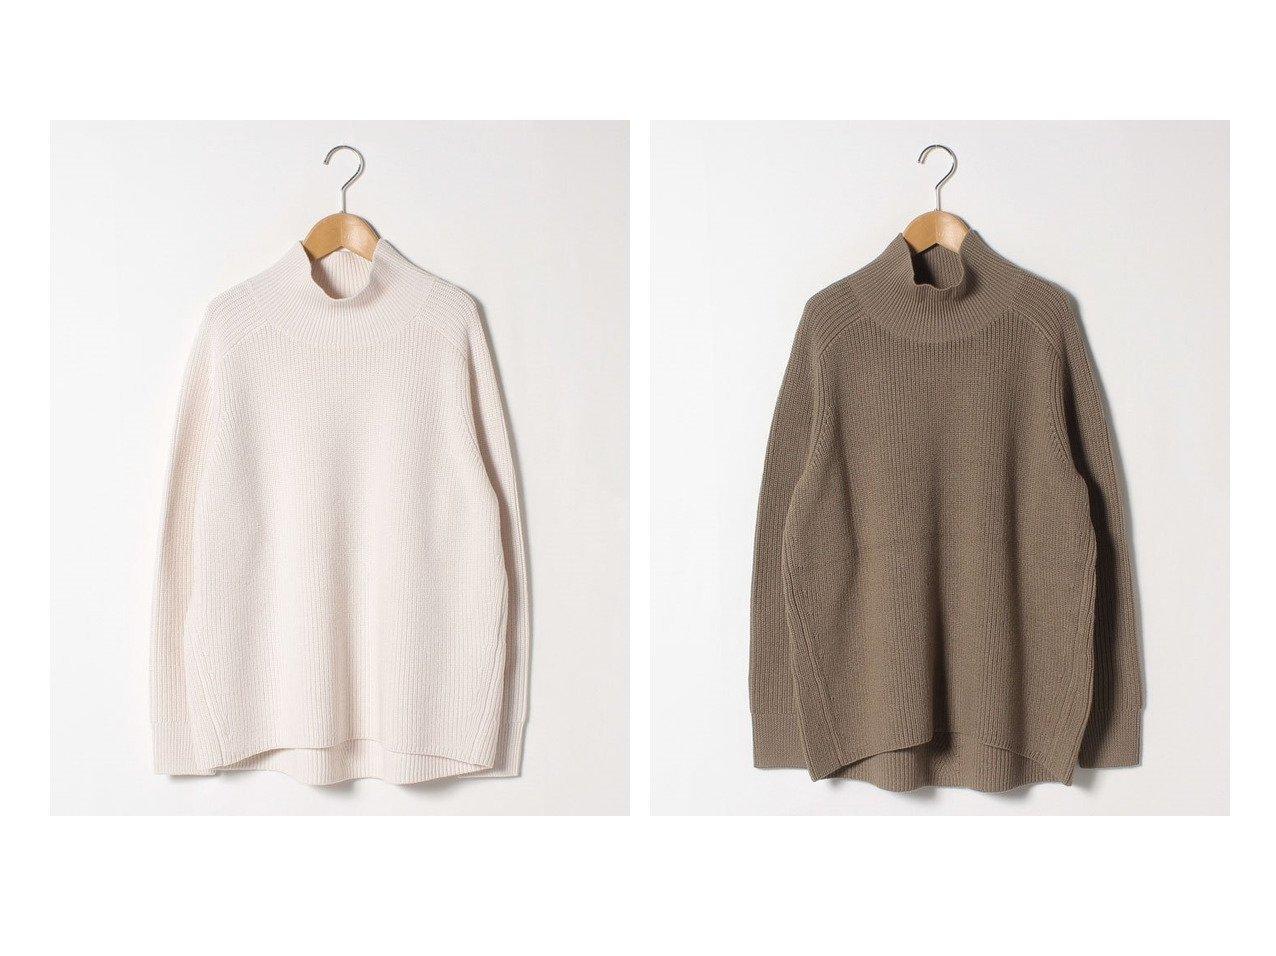 【Theory Luxe/セオリーリュクス】のニット ARIA ANELA トップス・カットソーのおすすめ!人気、トレンド・レディースファッションの通販 おすすめで人気の流行・トレンド、ファッションの通販商品 メンズファッション・キッズファッション・インテリア・家具・レディースファッション・服の通販 founy(ファニー) https://founy.com/ ファッション Fashion レディースファッション WOMEN トップス Tops Tshirt ニット Knit Tops ショルダー セーター ハイネック フィット ヘリンボーン ワイド |ID:crp329100000013152